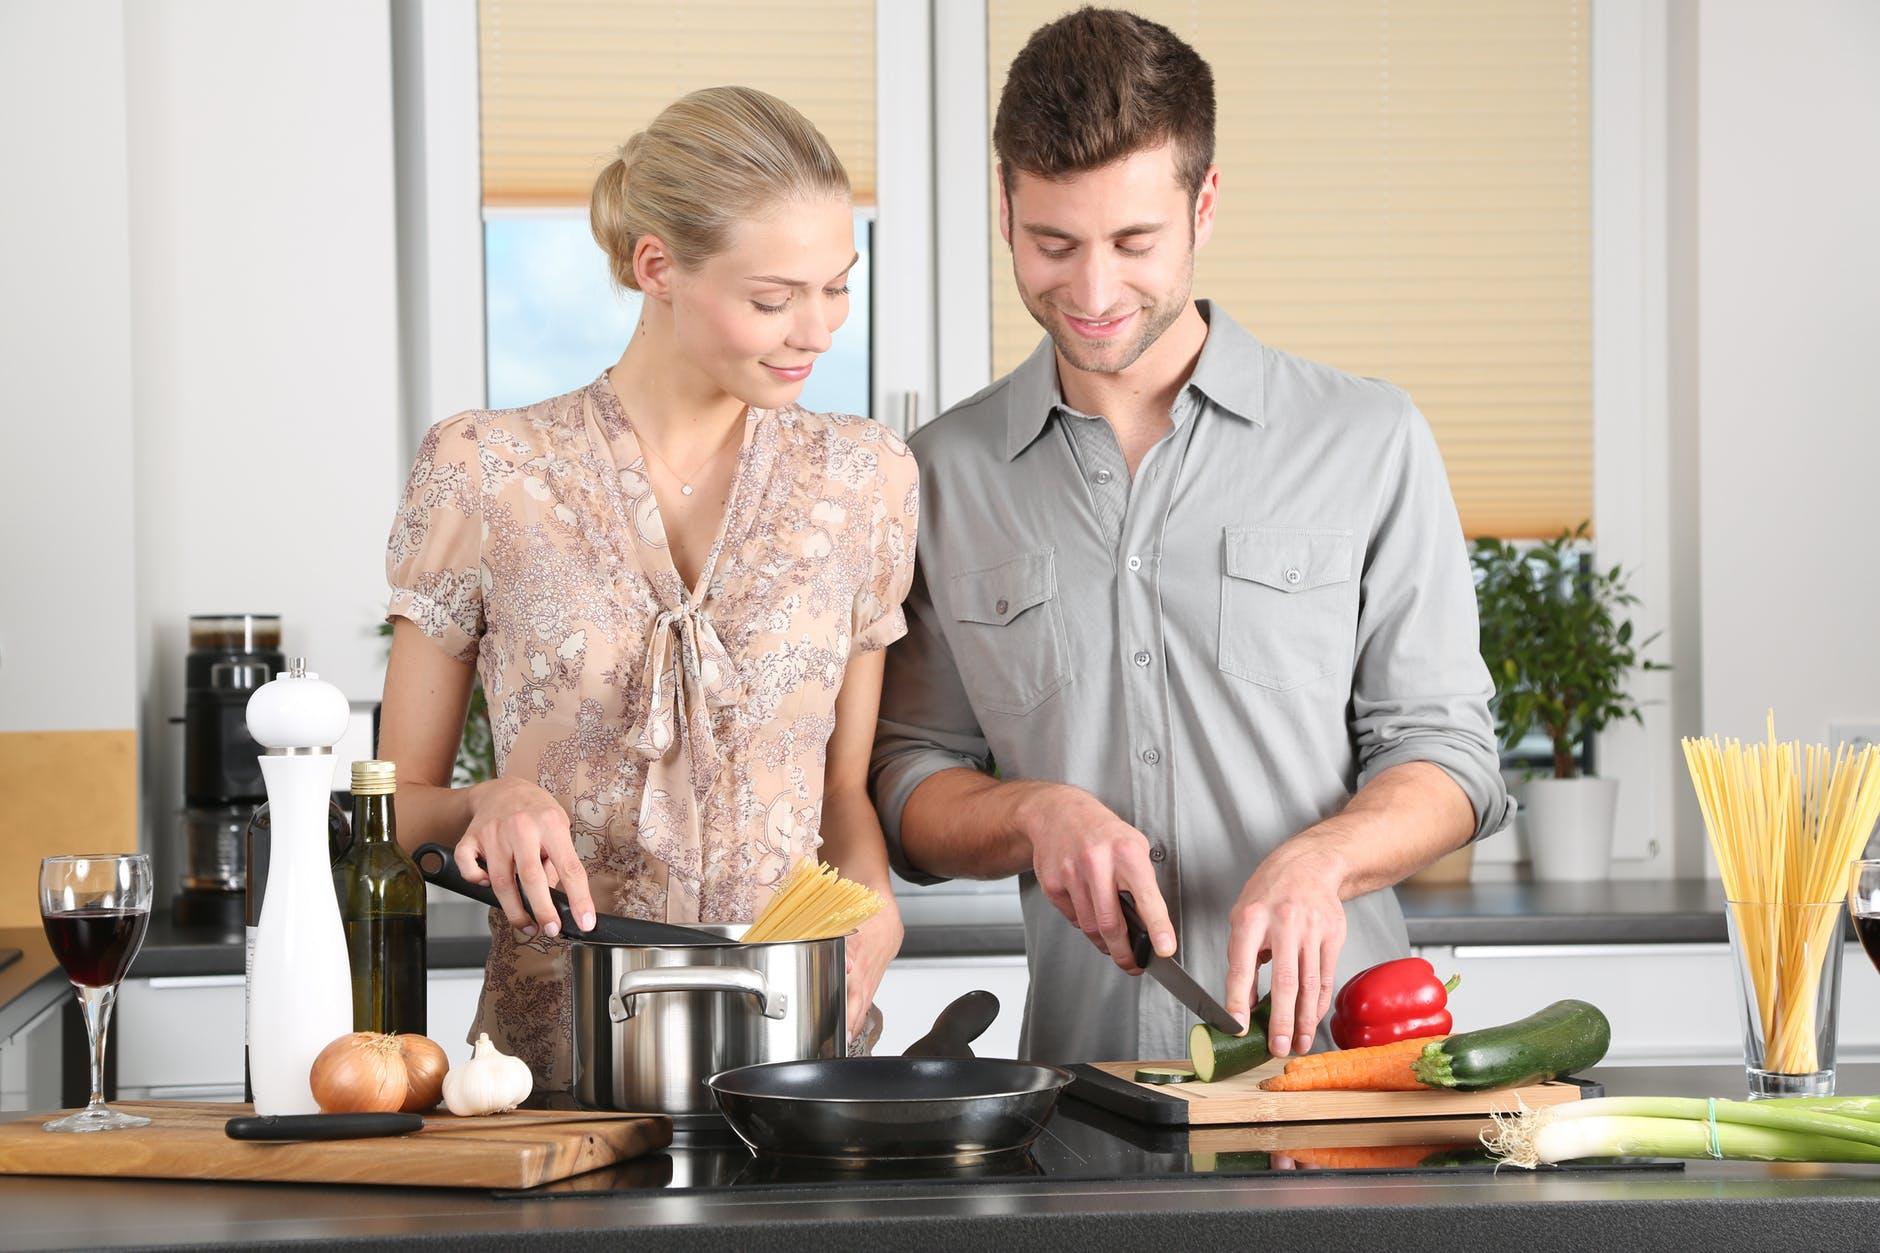 Як вибрати кухонну плиту: все, що потрібно знати господарям перед покупкою